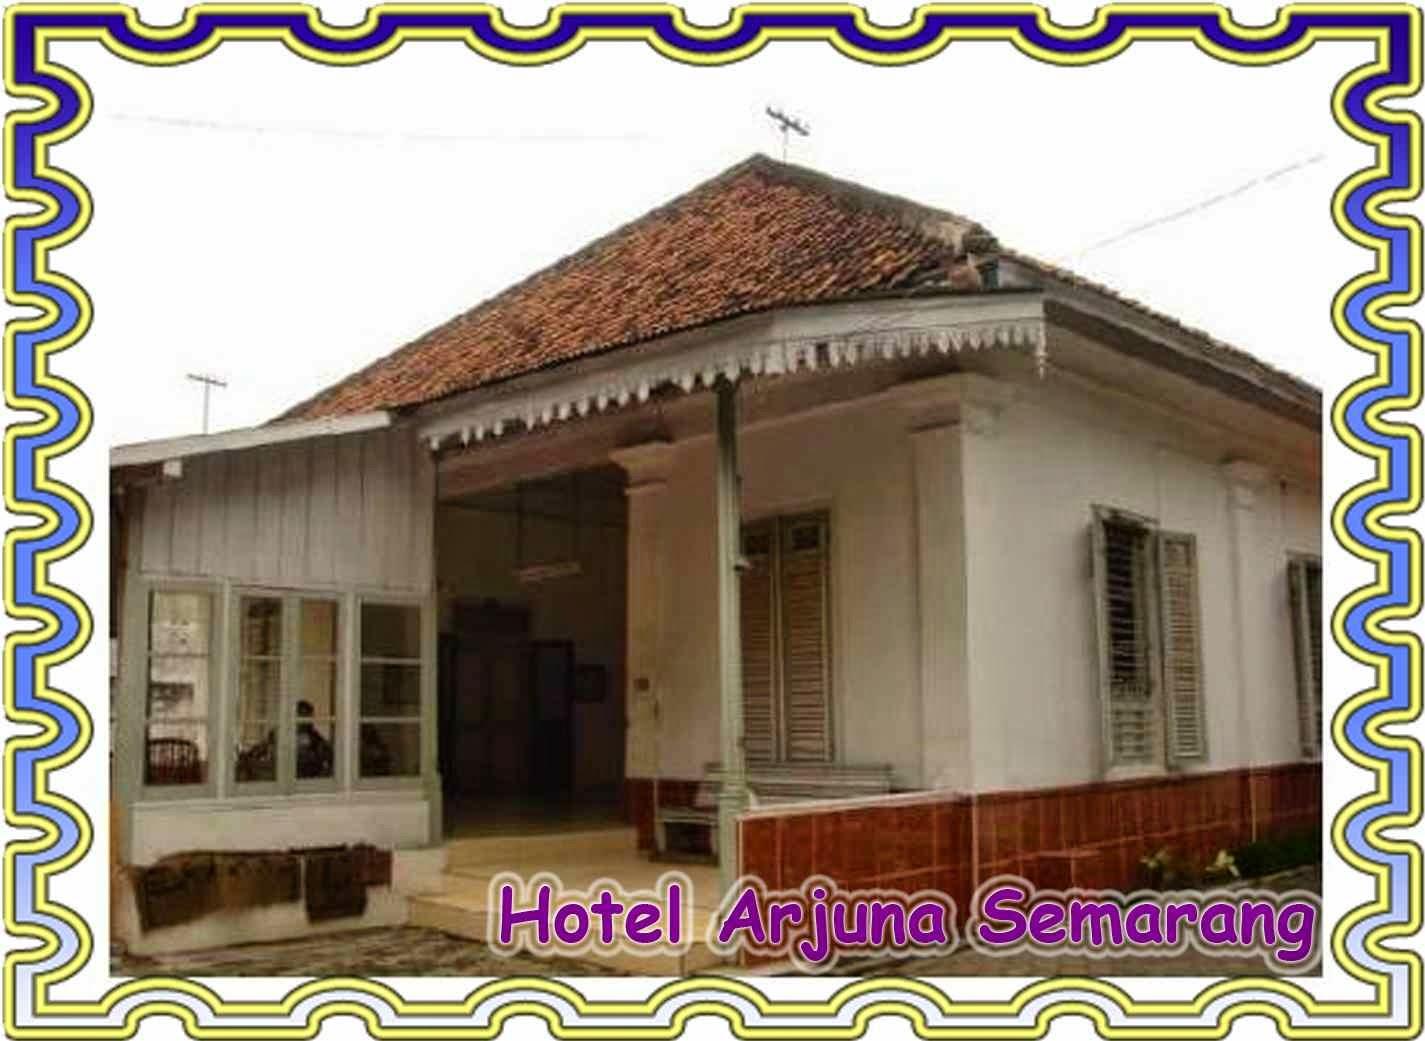 Hotel Arjuna Semarang Ini Terletak Di Daerah Purwosari Bagian Utara Dari Kota Tepatnya Beralamatkan Jalan Imam Bonjol Nomor